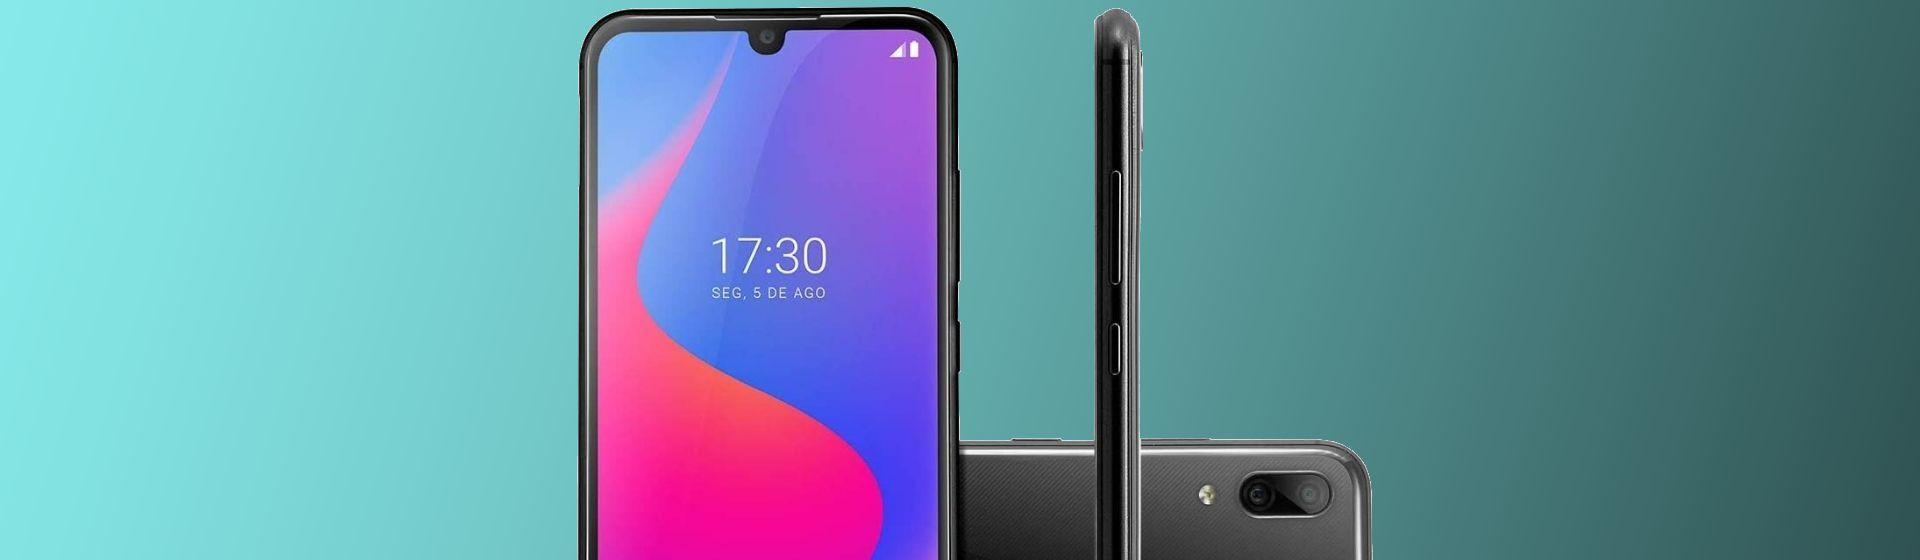 Melhor celular Multilaser para comprar em 2021